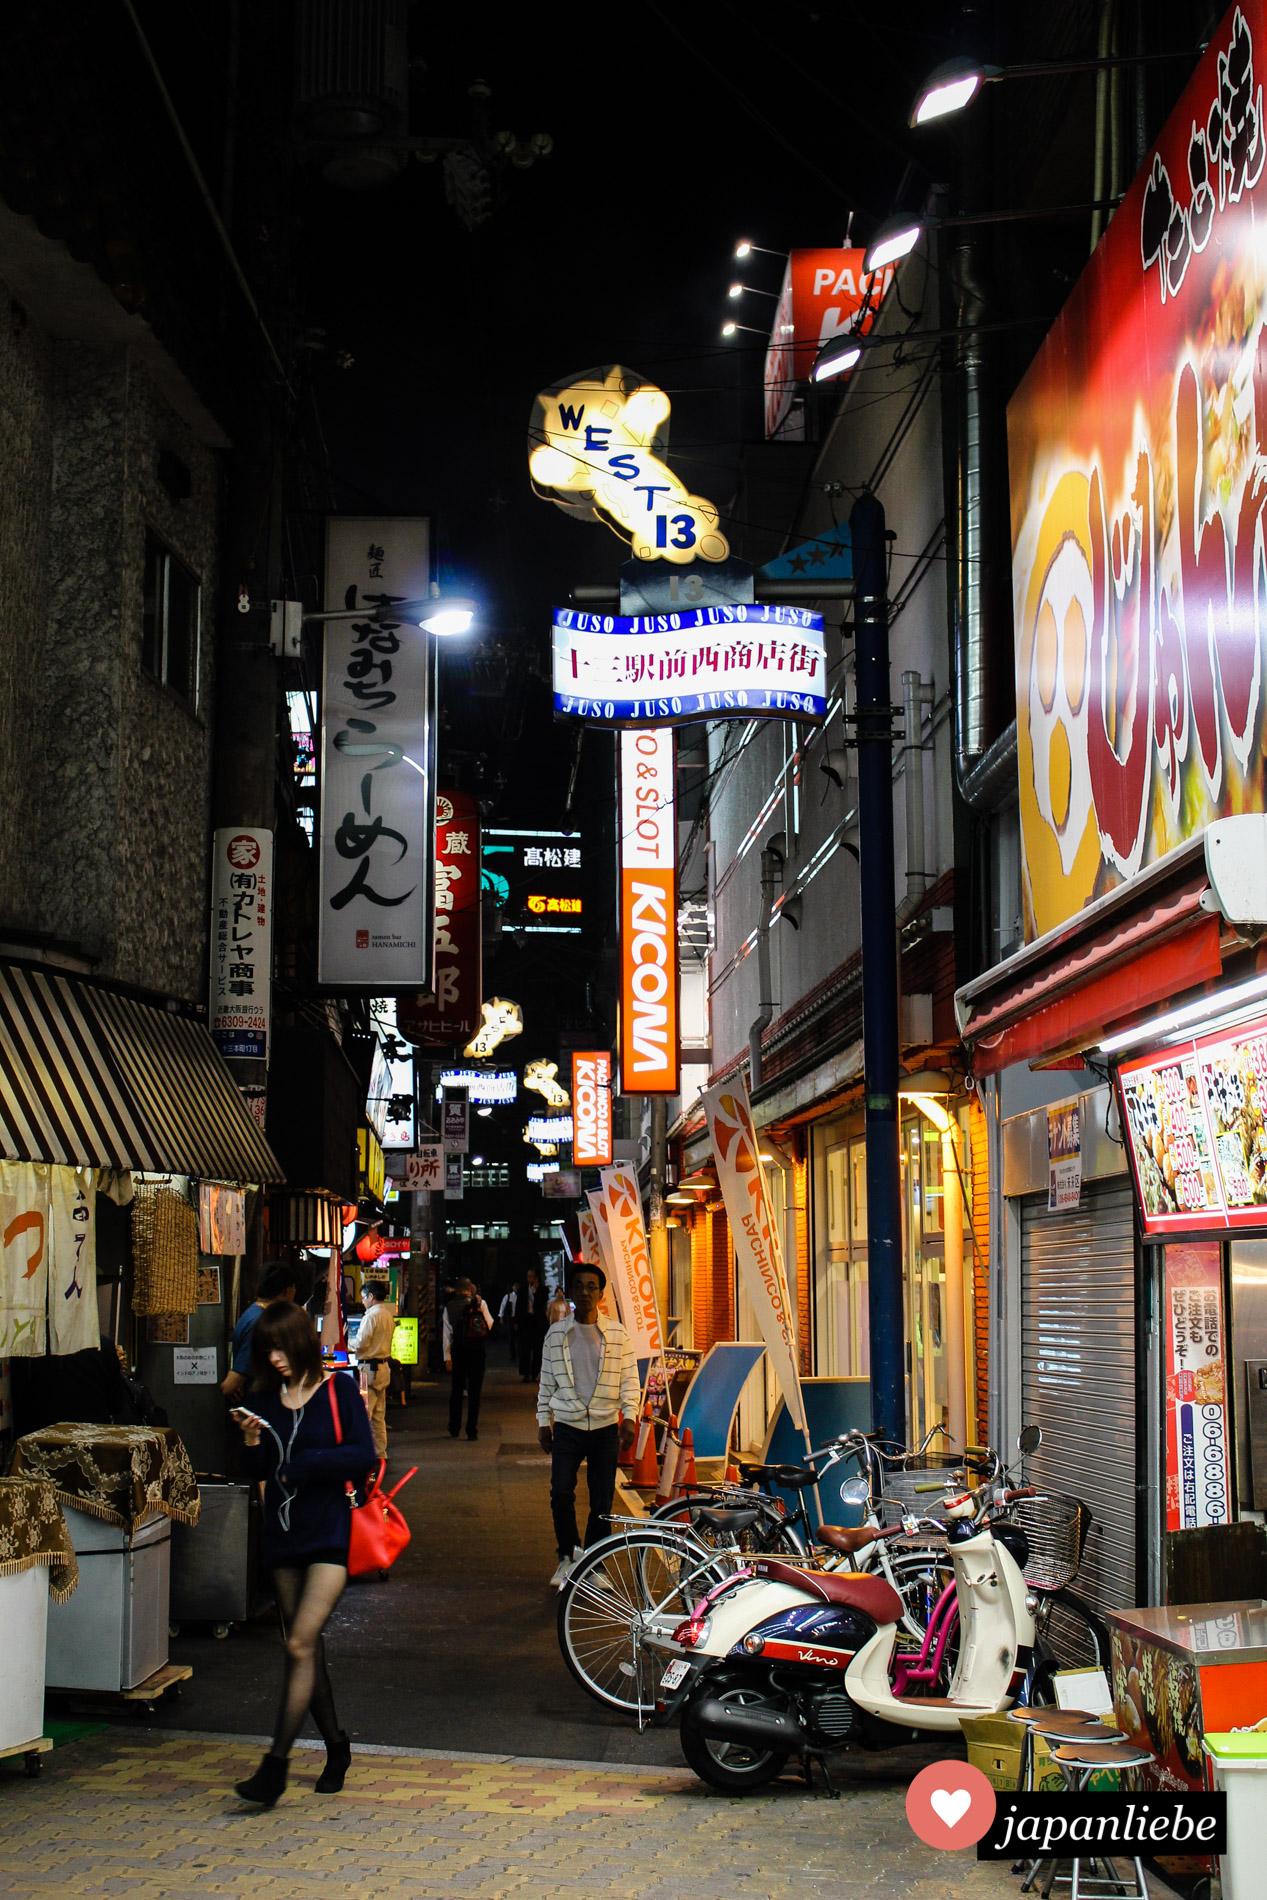 Japan ist ein sehr sicheres Land. Um manche Straßen macht man dennoch lieber einen großen Bogen.